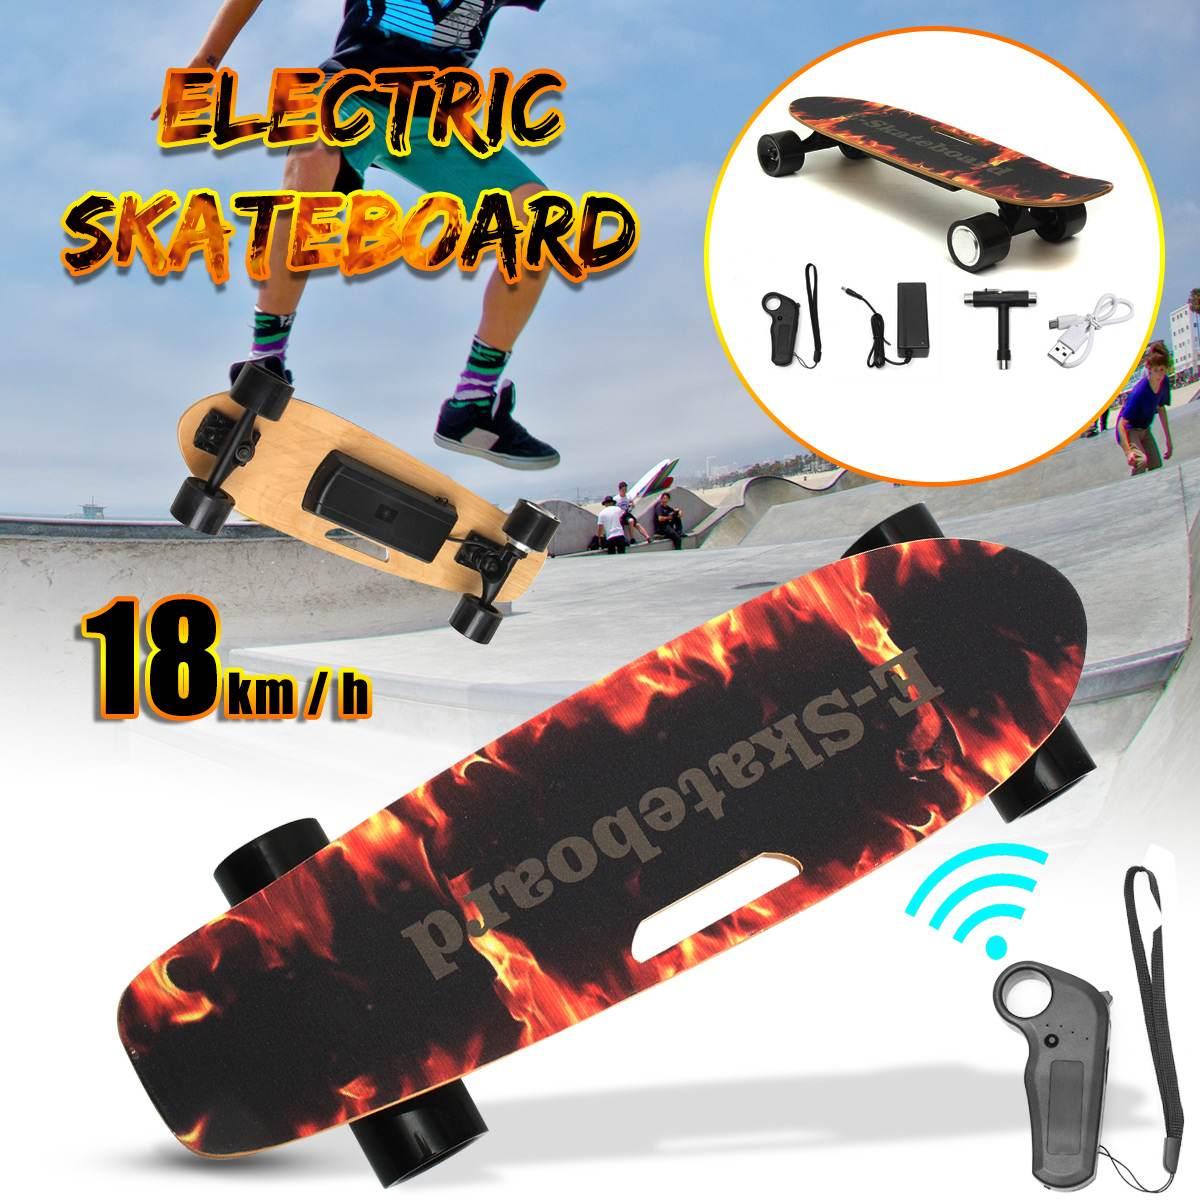 Elettrico di Skateboard A Quattro ruote Longboard Skateboard Maple Deck Senza Fili di Telecomando Per Bambini Per AdultiElettrico di Skateboard A Quattro ruote Longboard Skateboard Maple Deck Senza Fili di Telecomando Per Bambini Per Adulti